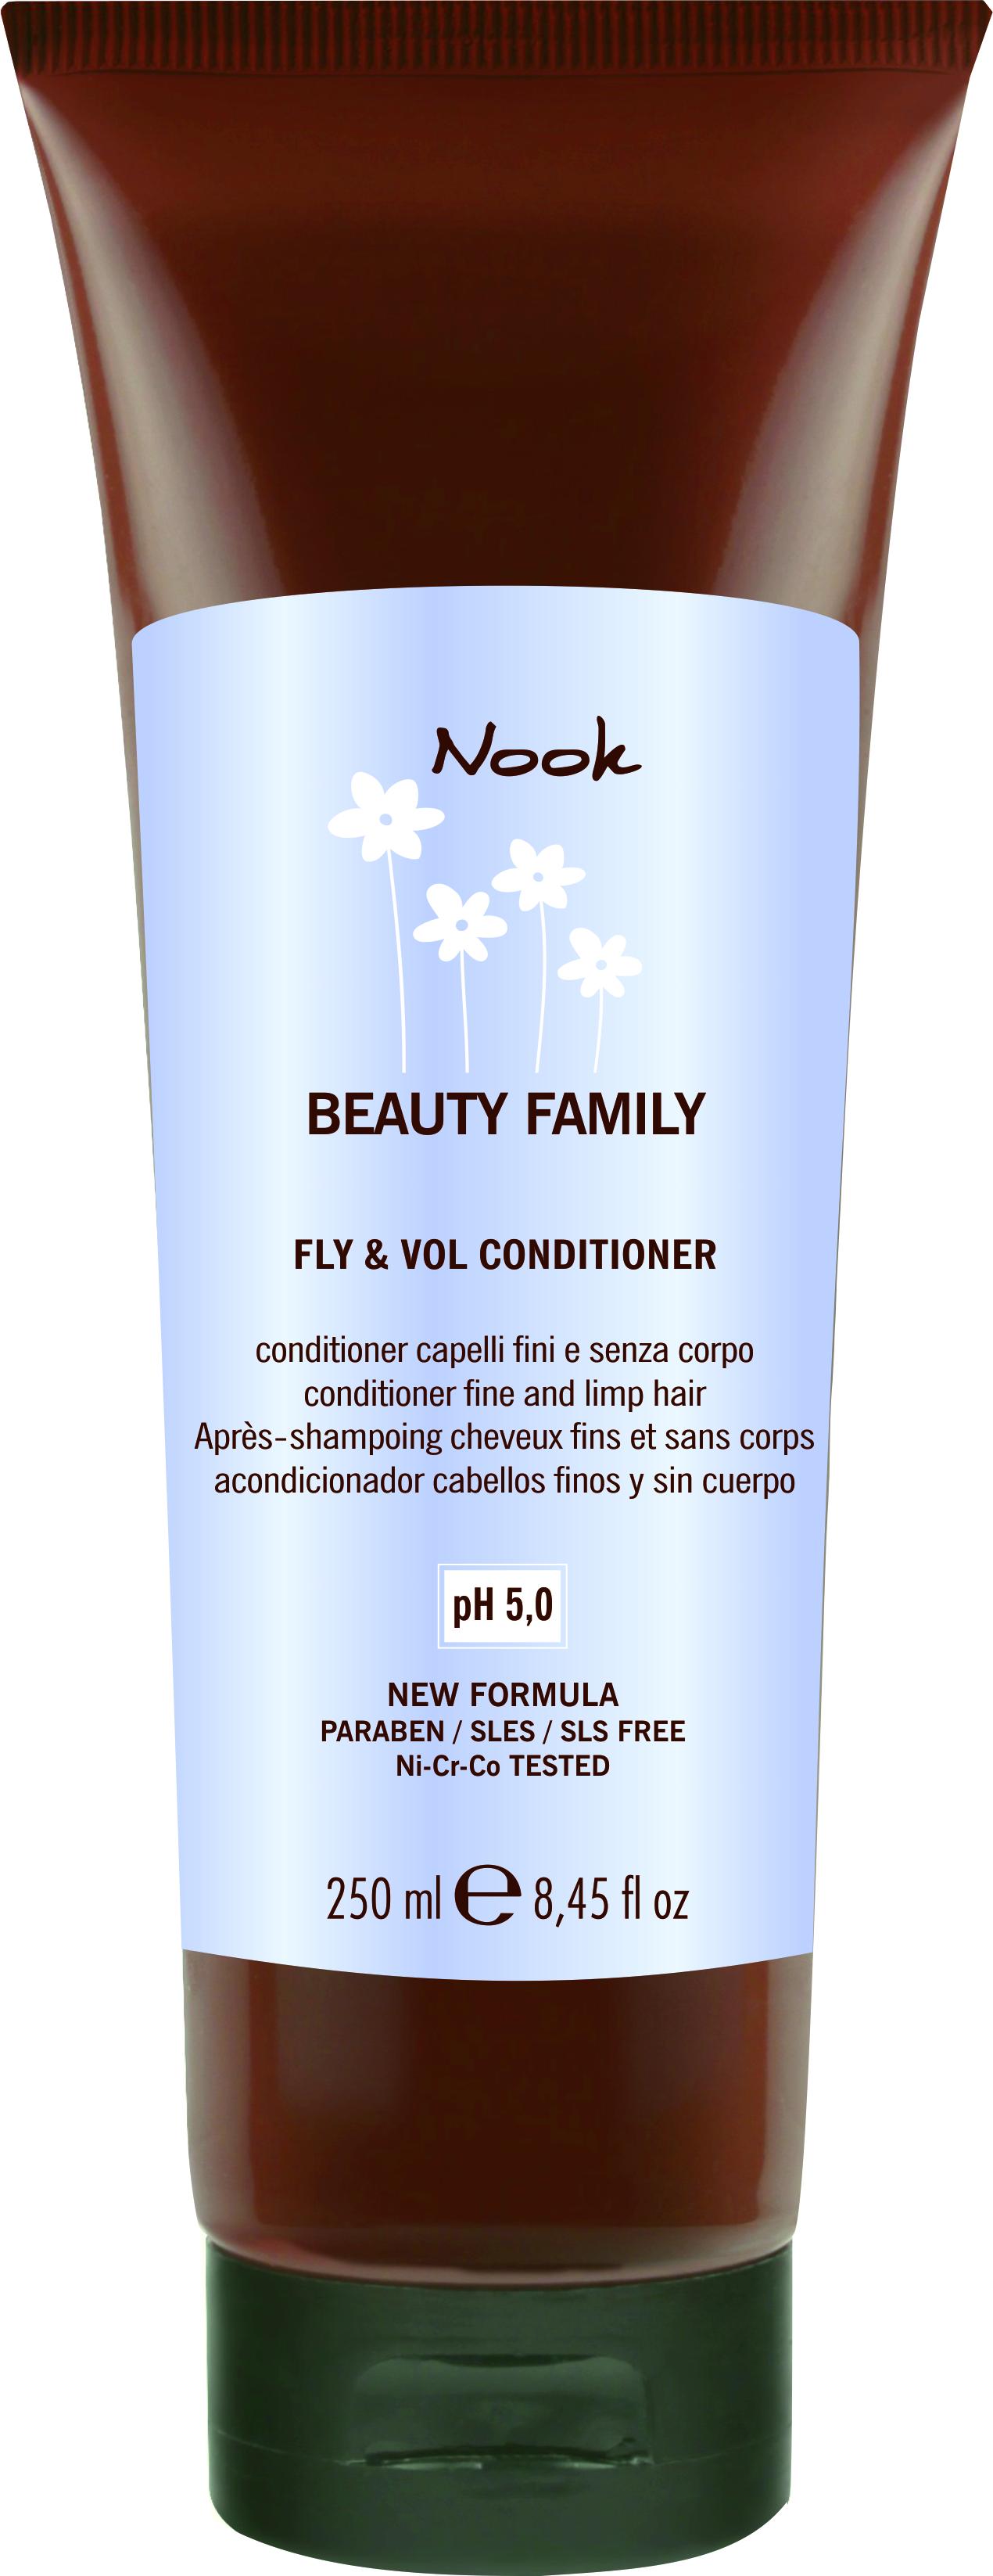 NOOK Кондиционер для тонких и слабых волос Ph 5,0 / Fly & Vol Conditioner BEAUTY FAMILY 250 мл